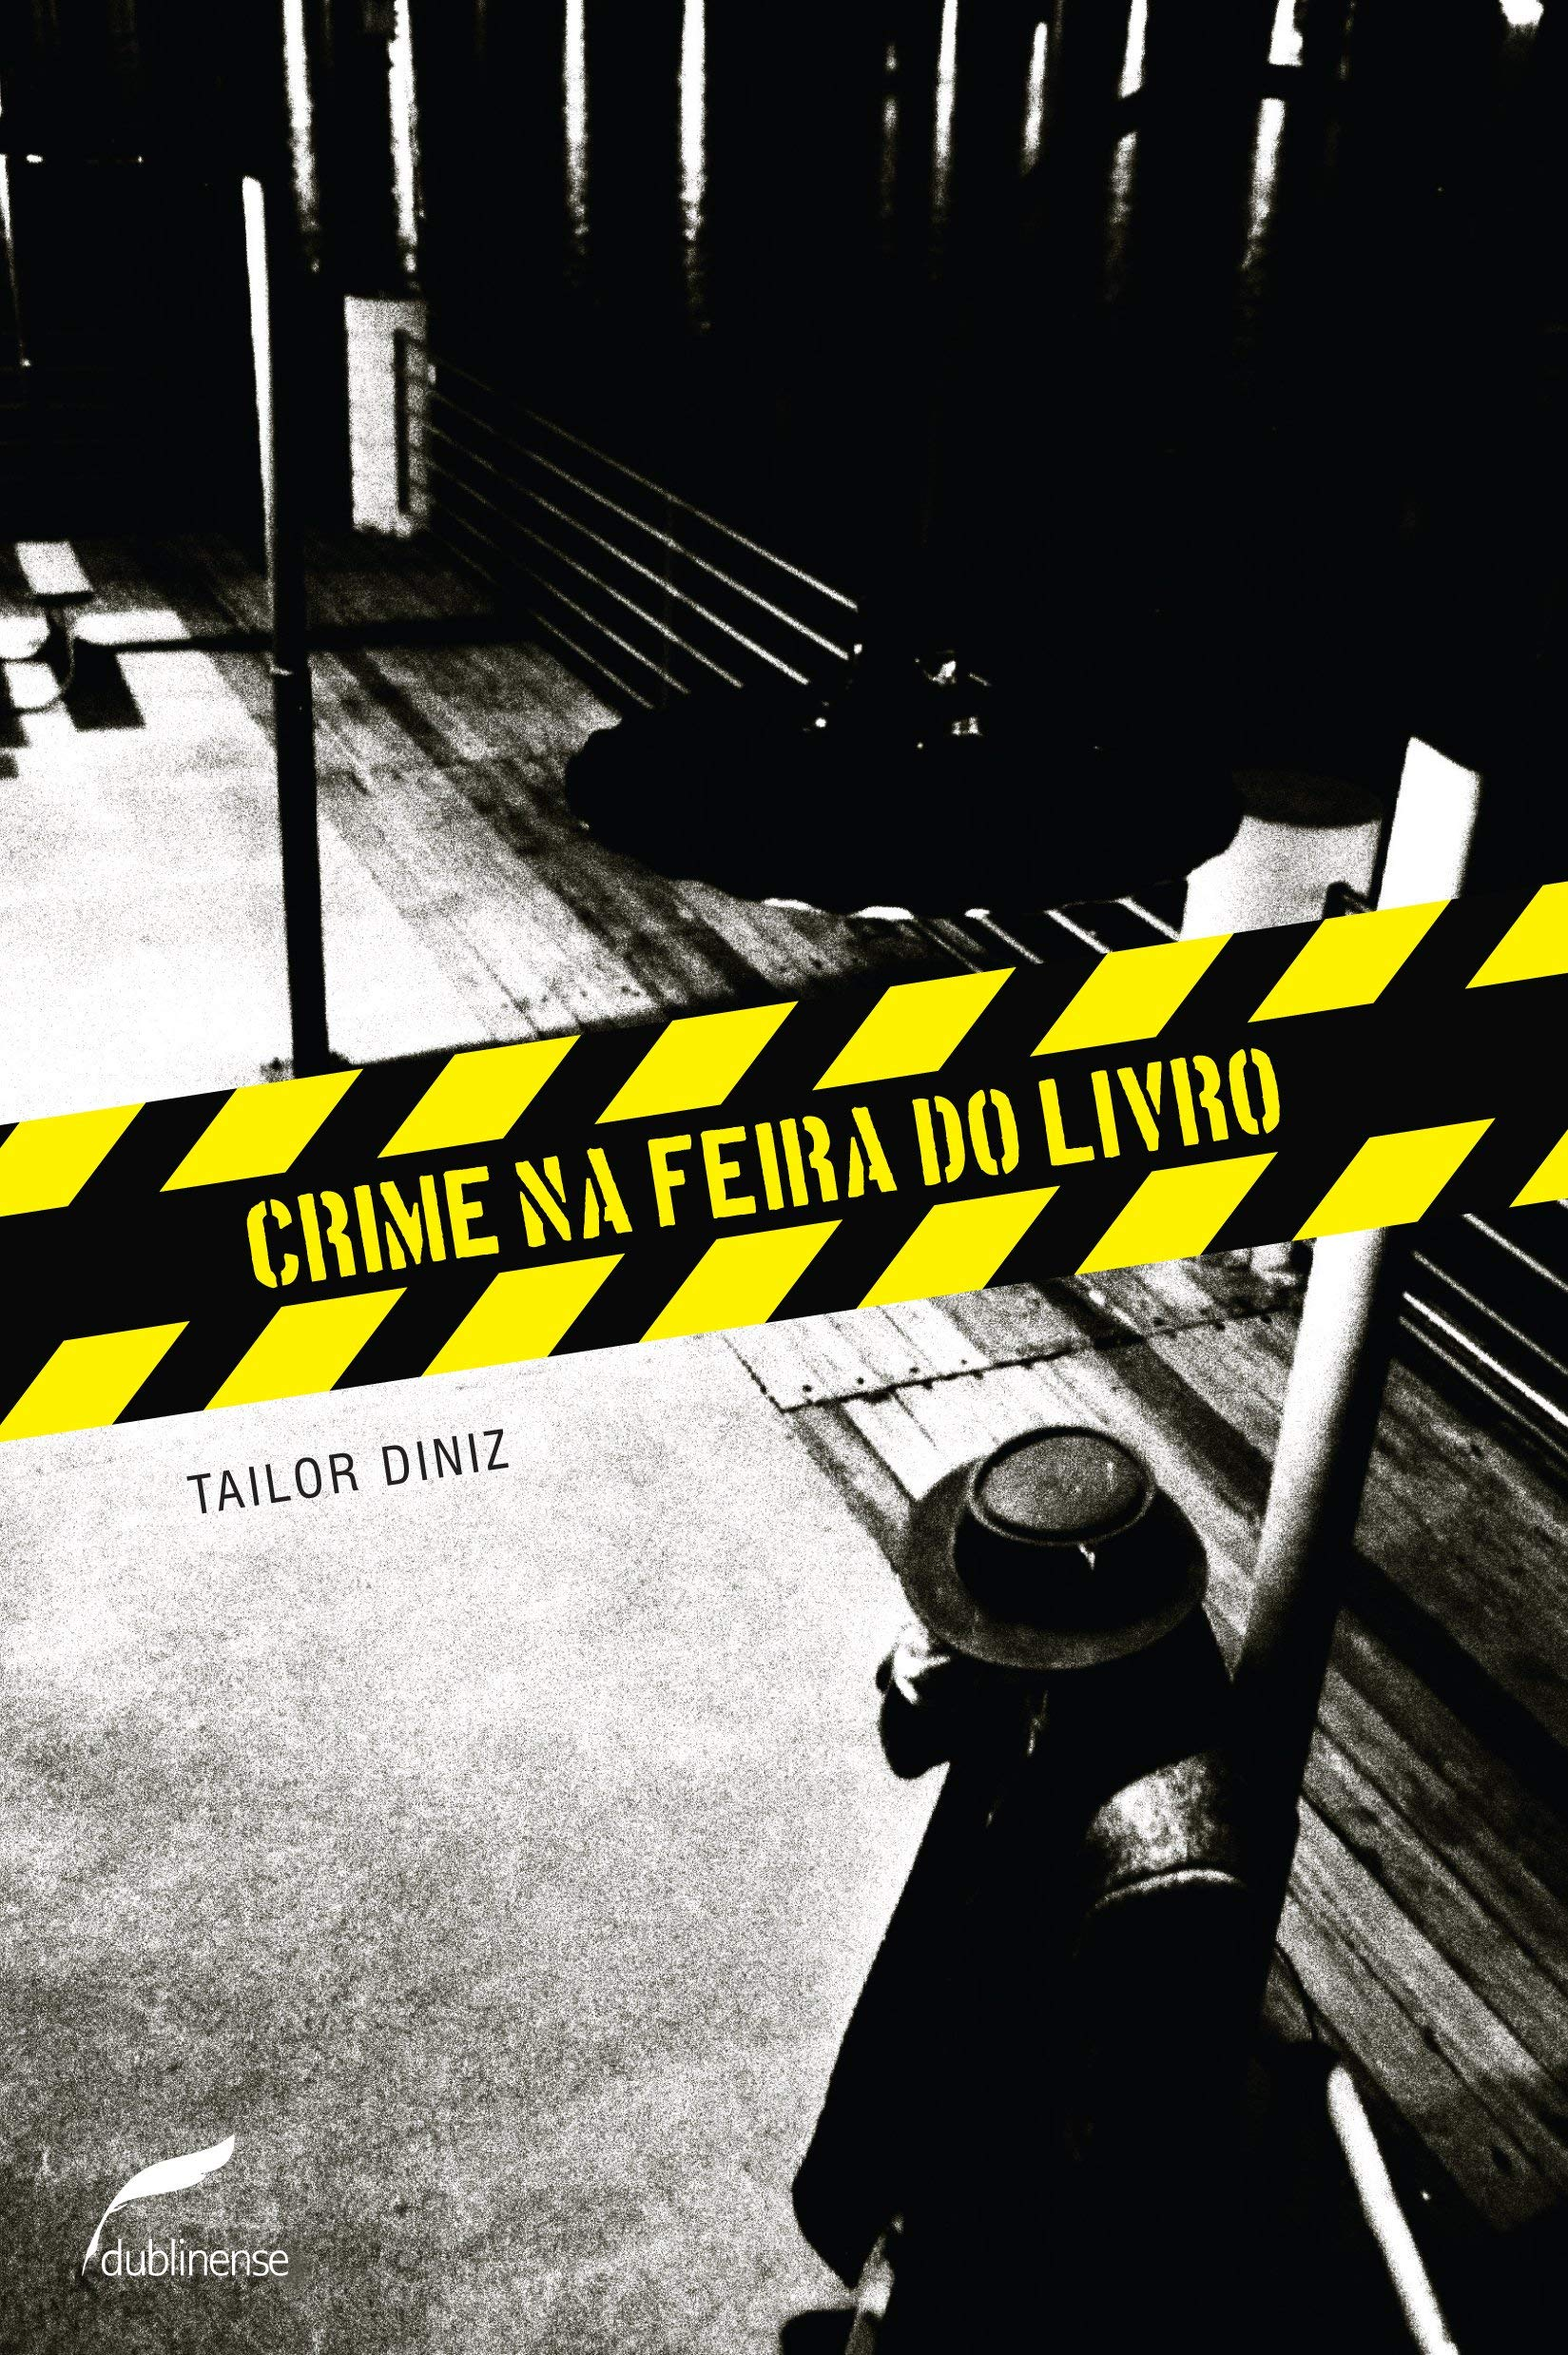 Crime na Feira do Livro, livro de Tailor Diniz